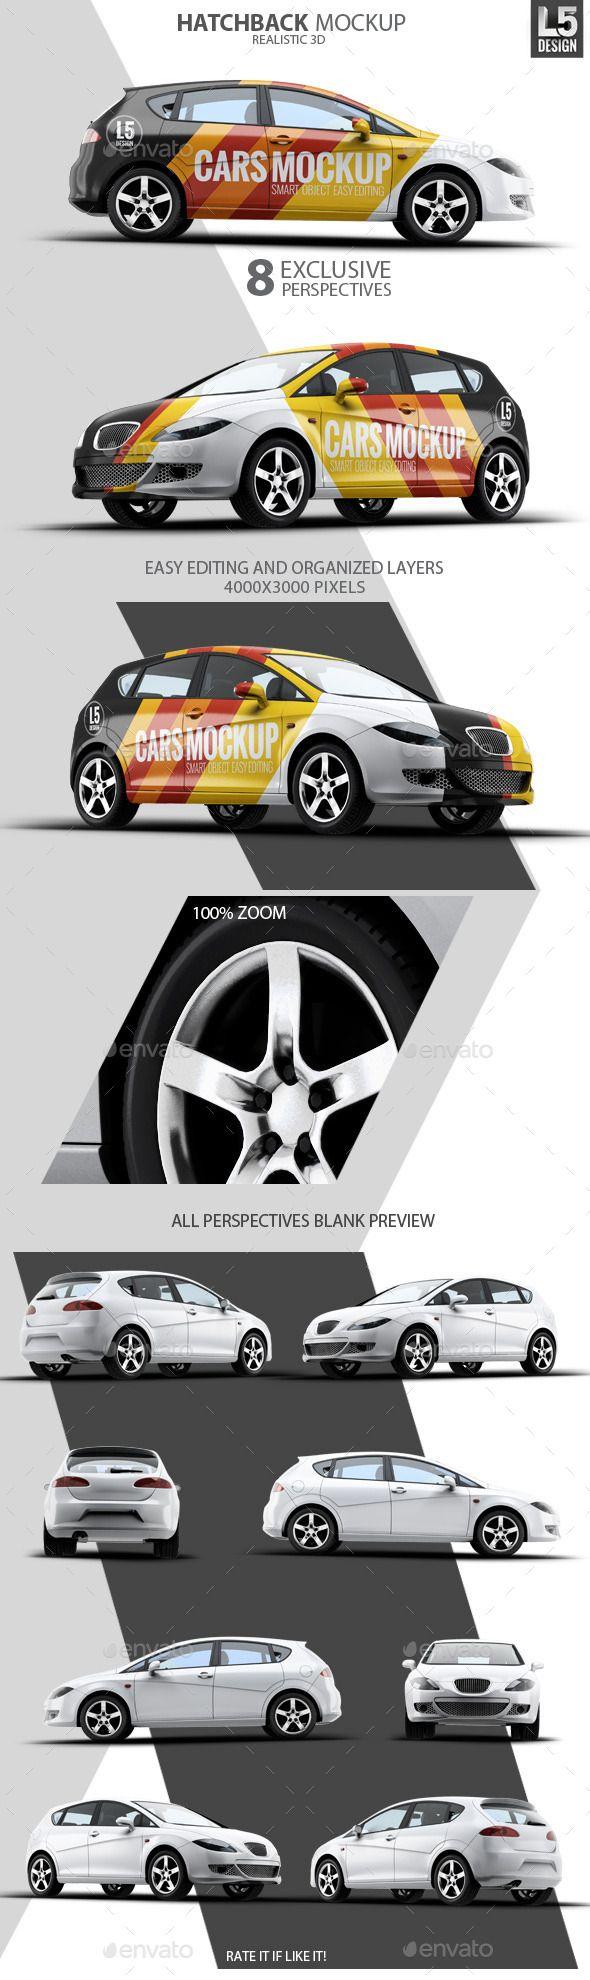 Hatchback Car Mock-Up | Download: http://graphicriver.net/item/hatchback-mockup/10269960?ref=ksioks